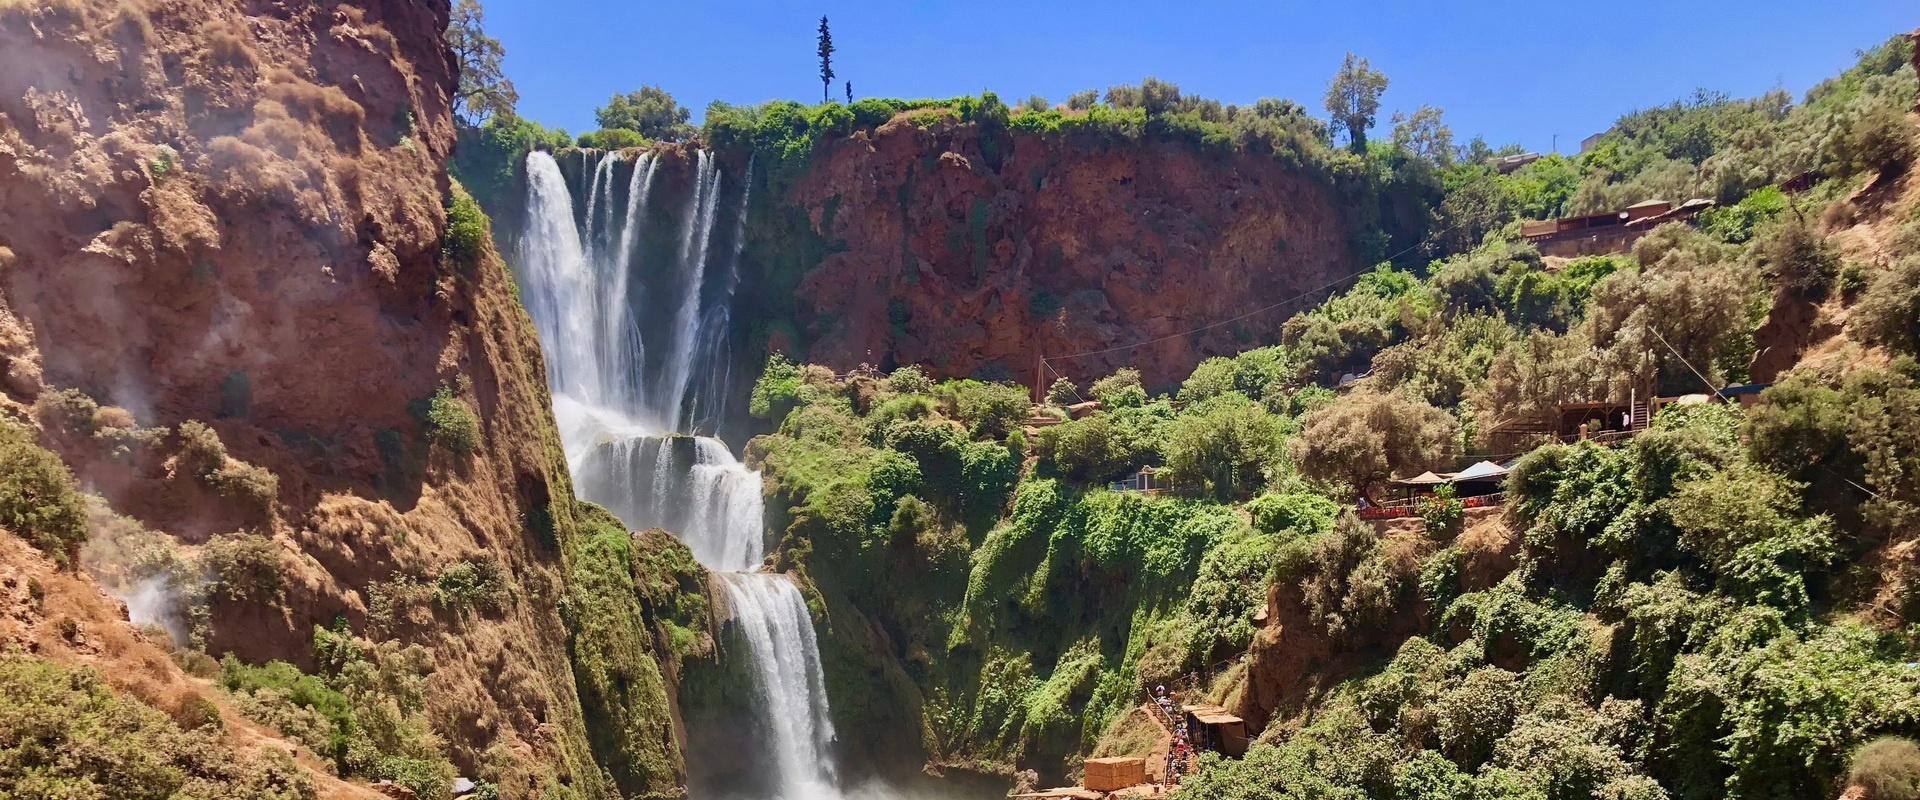 Voyages Expeditions Maroc - excursion 1 journee au cascade dozoud